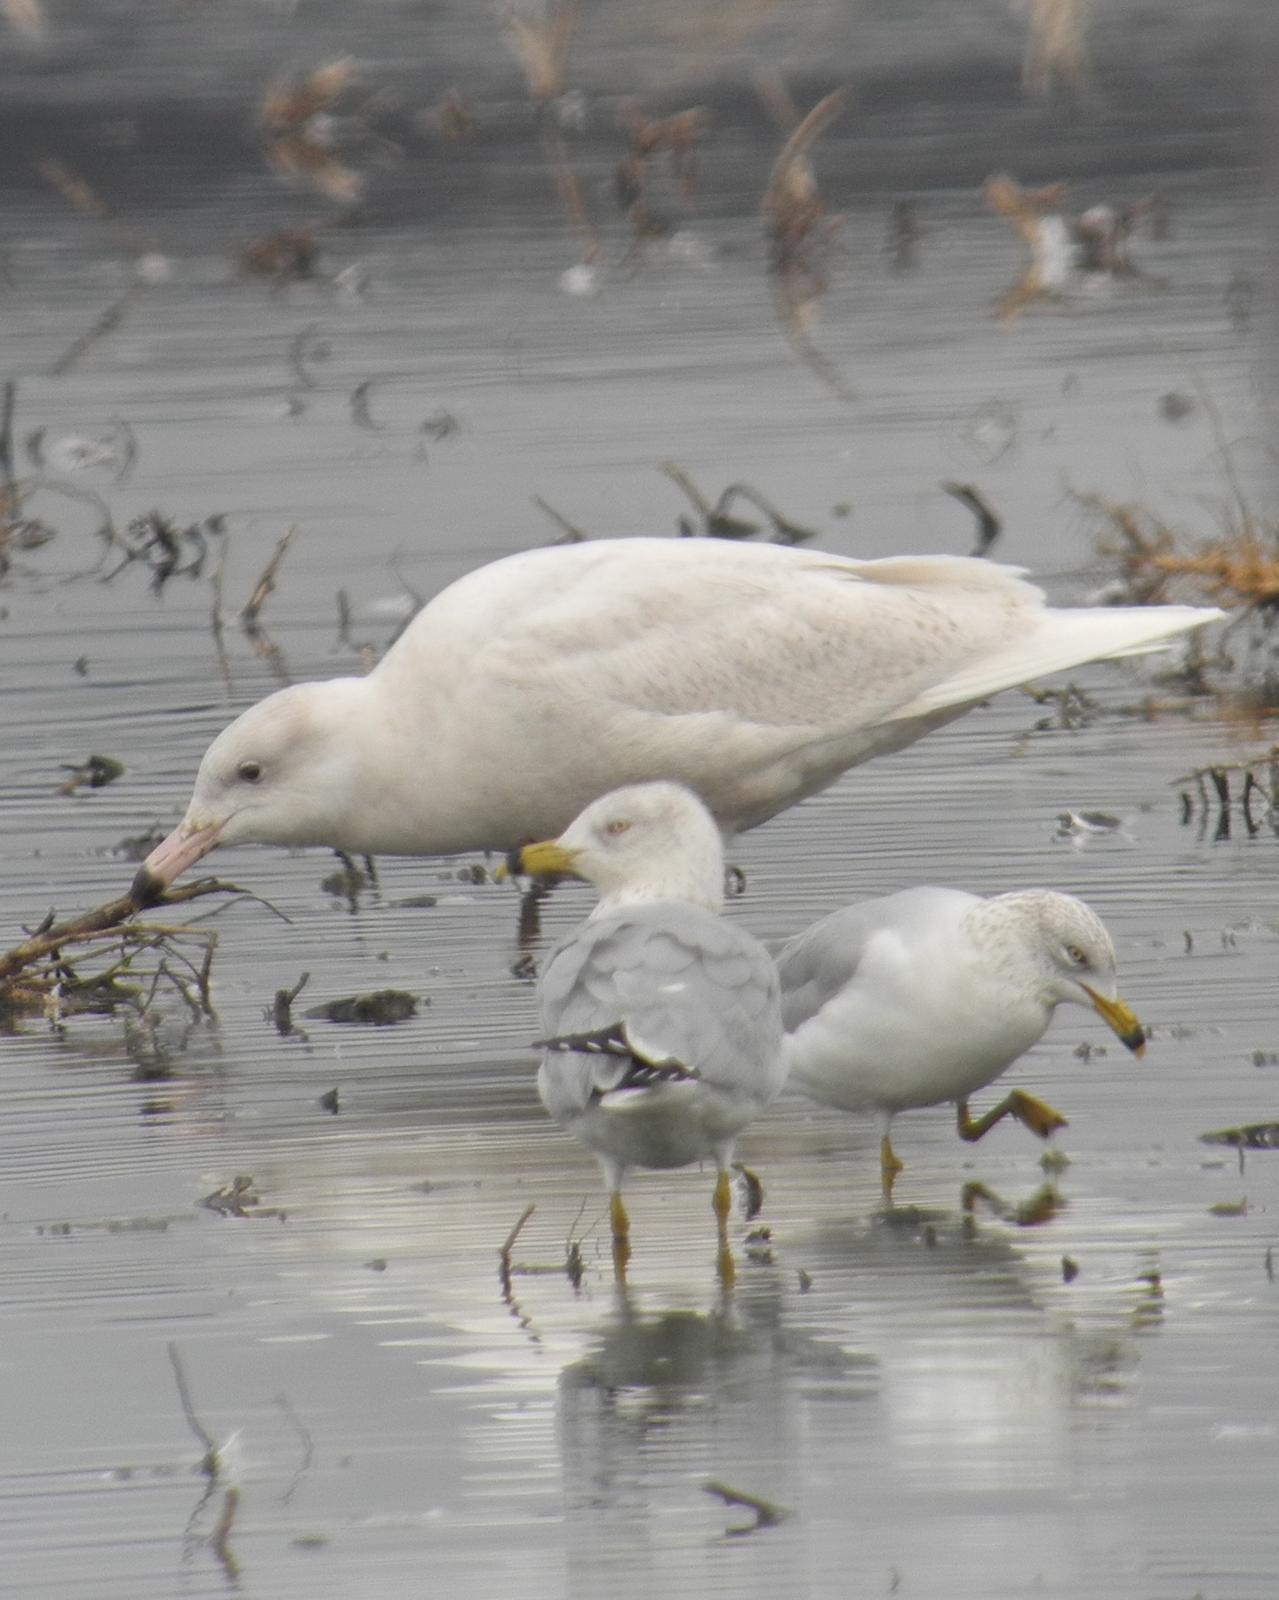 Glaucous Gull Photo by Oscar Johnson